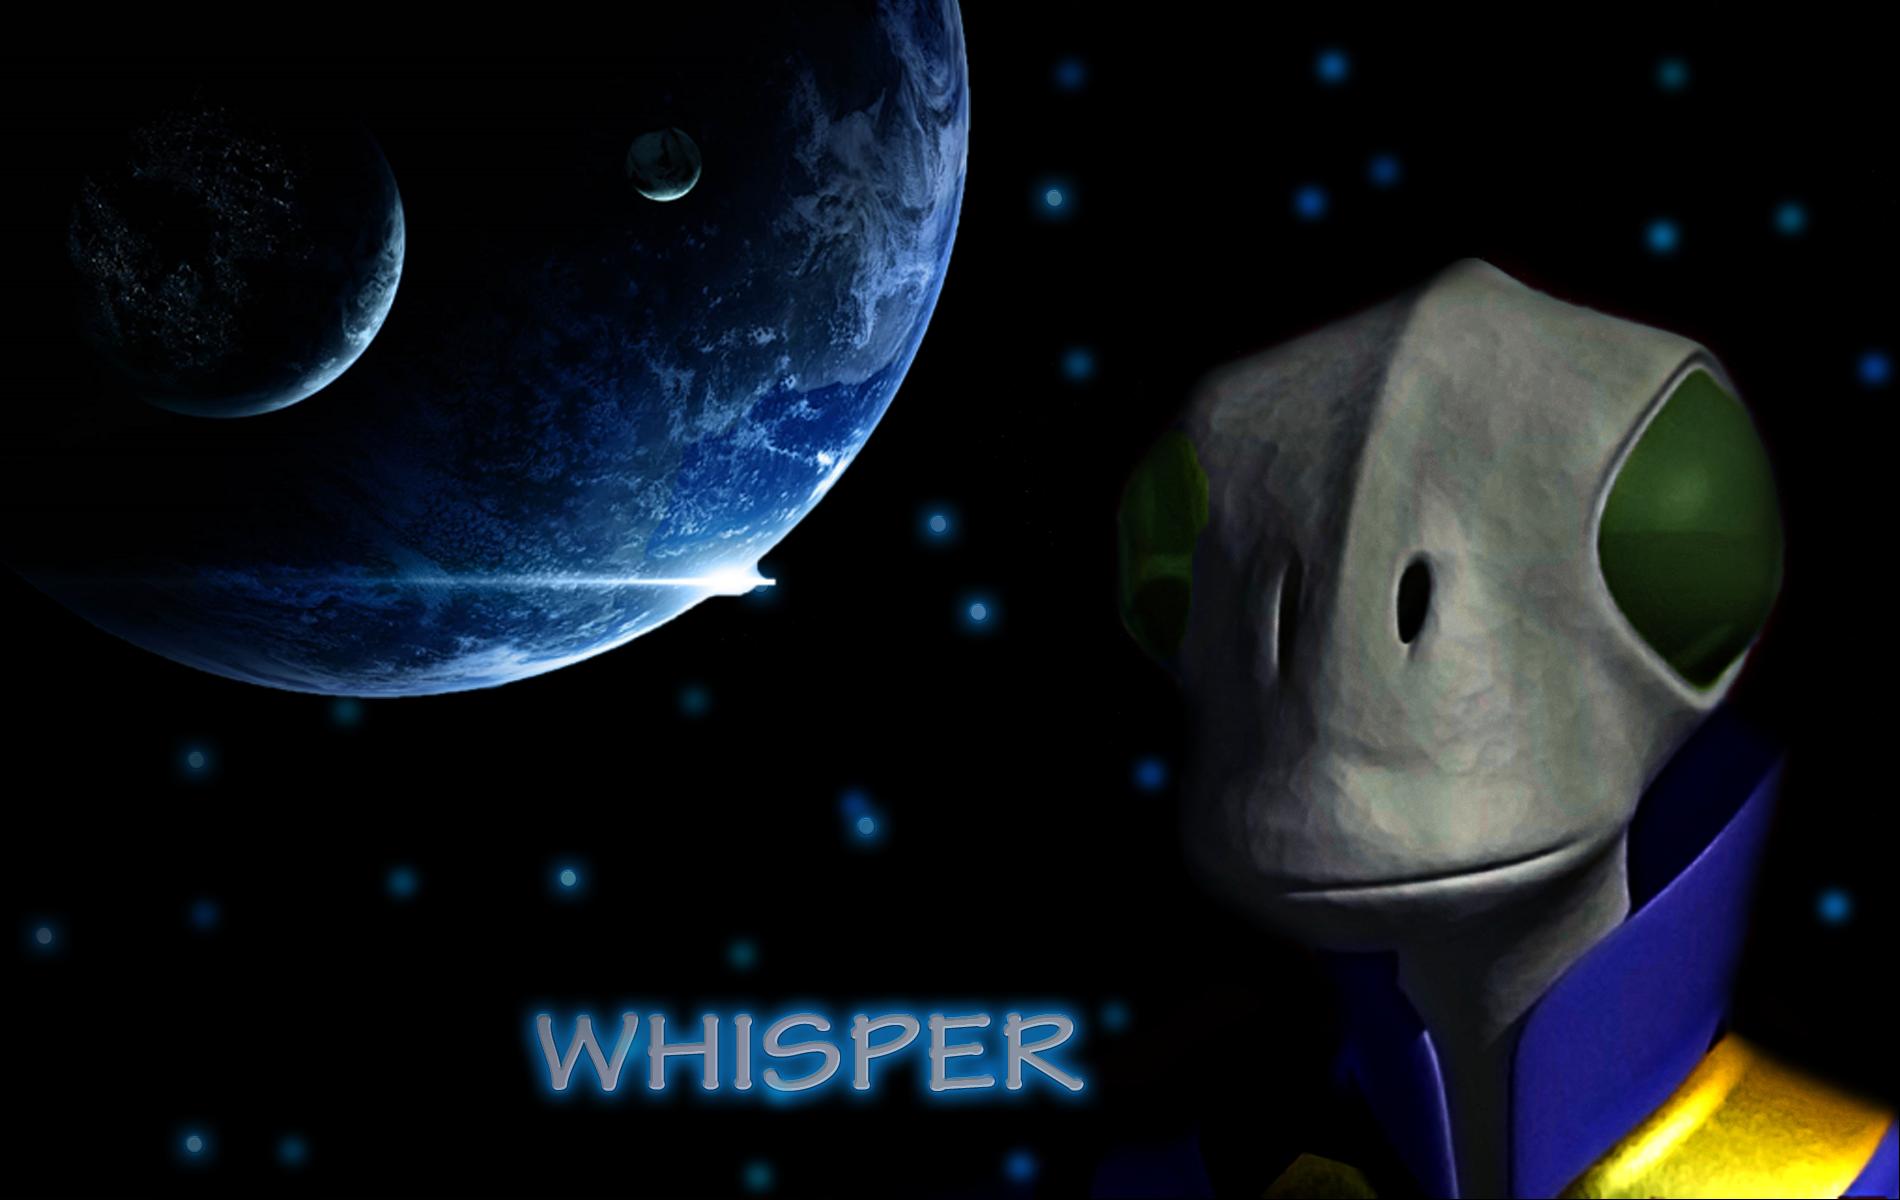 whisper logo by dzemobeg on deviantart